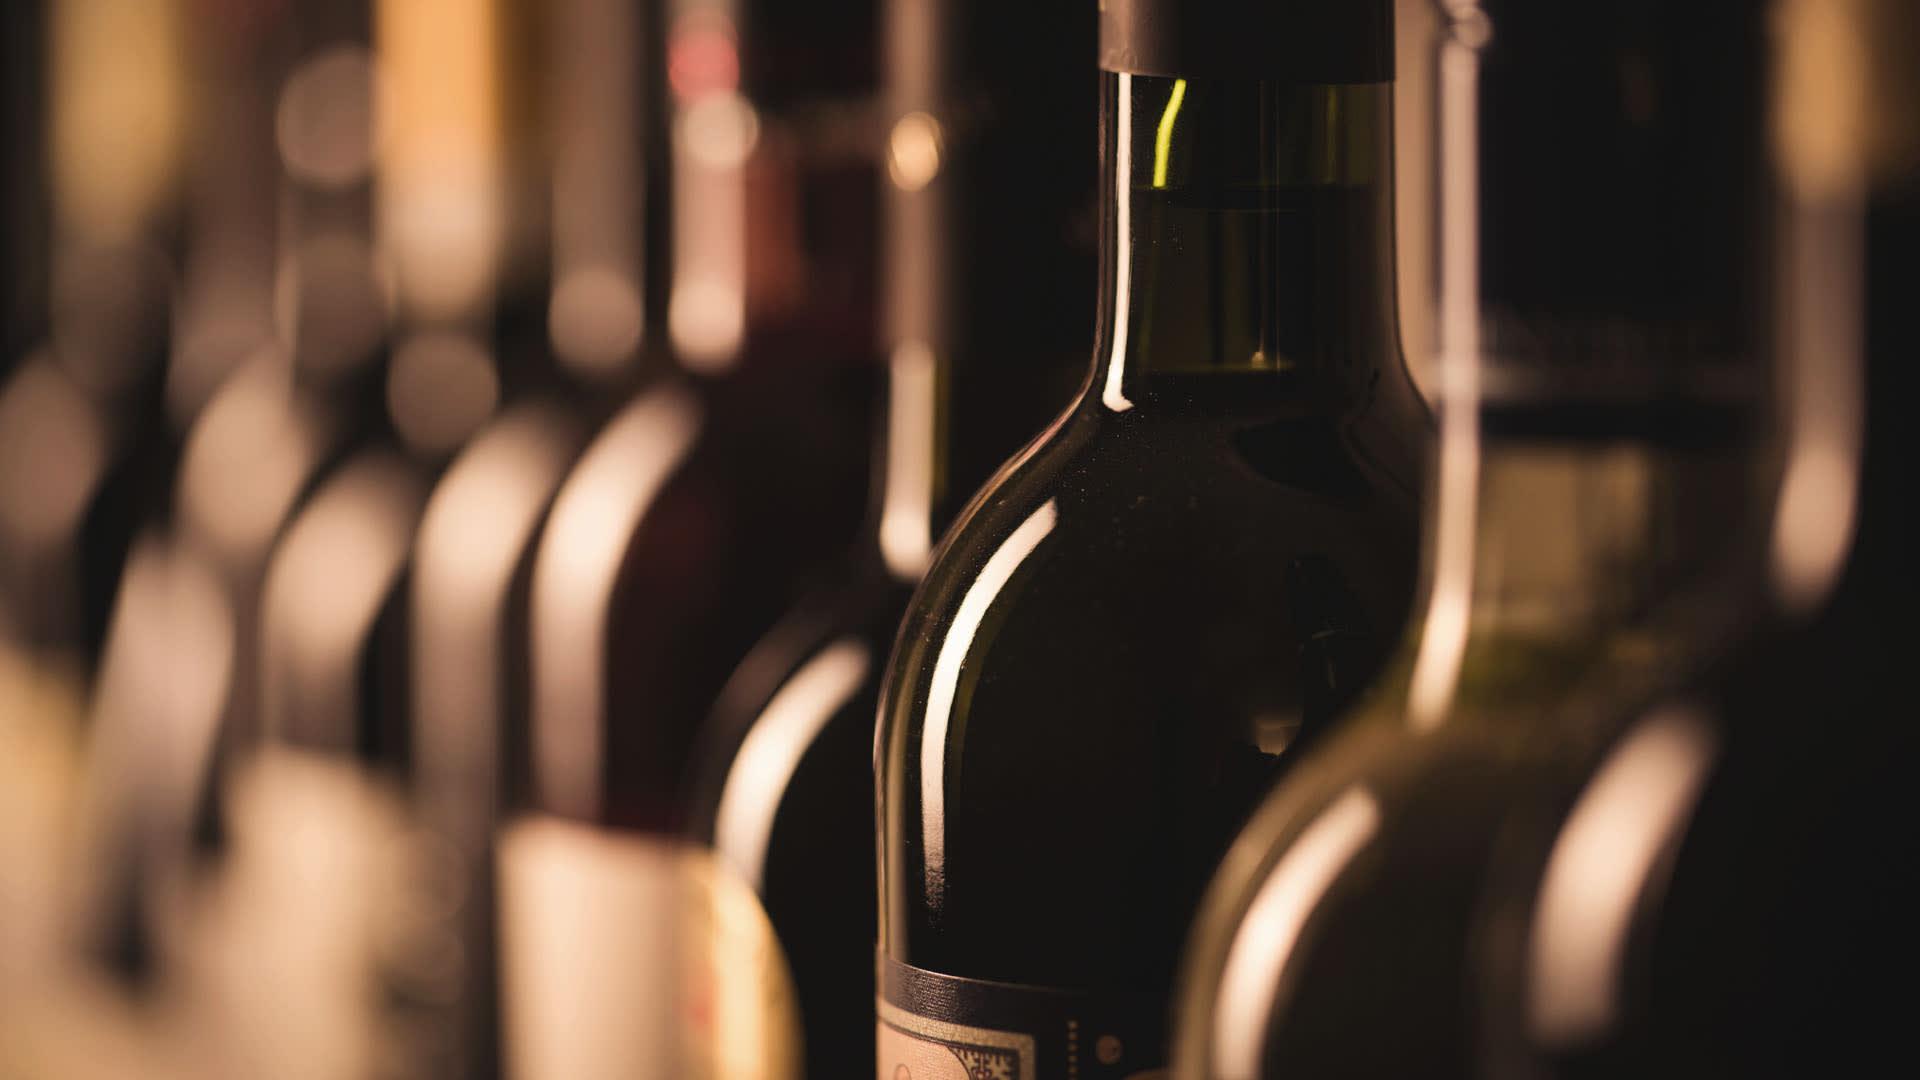 Na imagem, diversos vinhos selecionados e prontos para serem transportados.